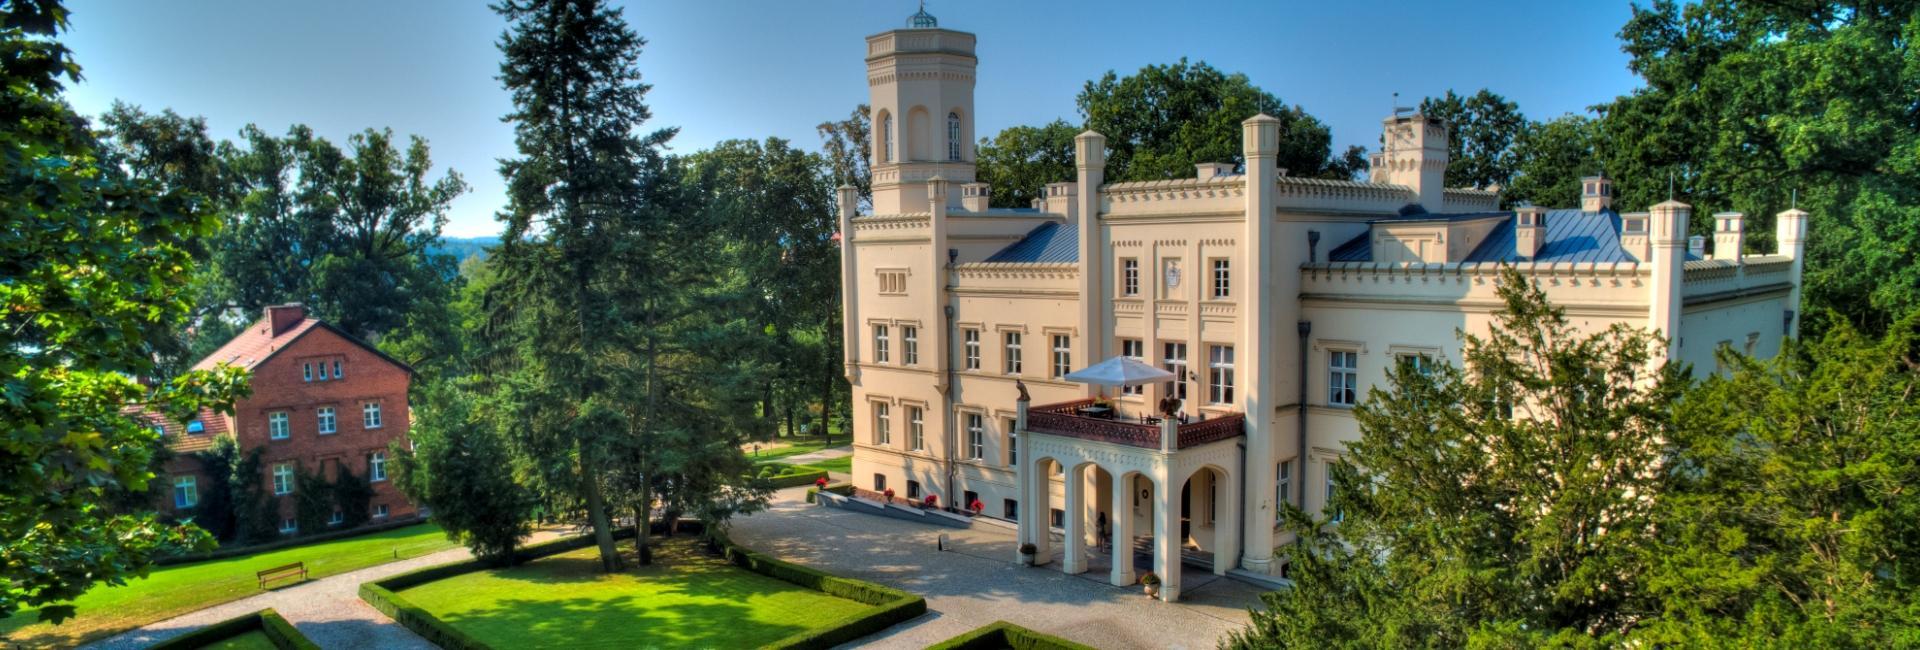 Mierzecin Palace in Dobiegniew